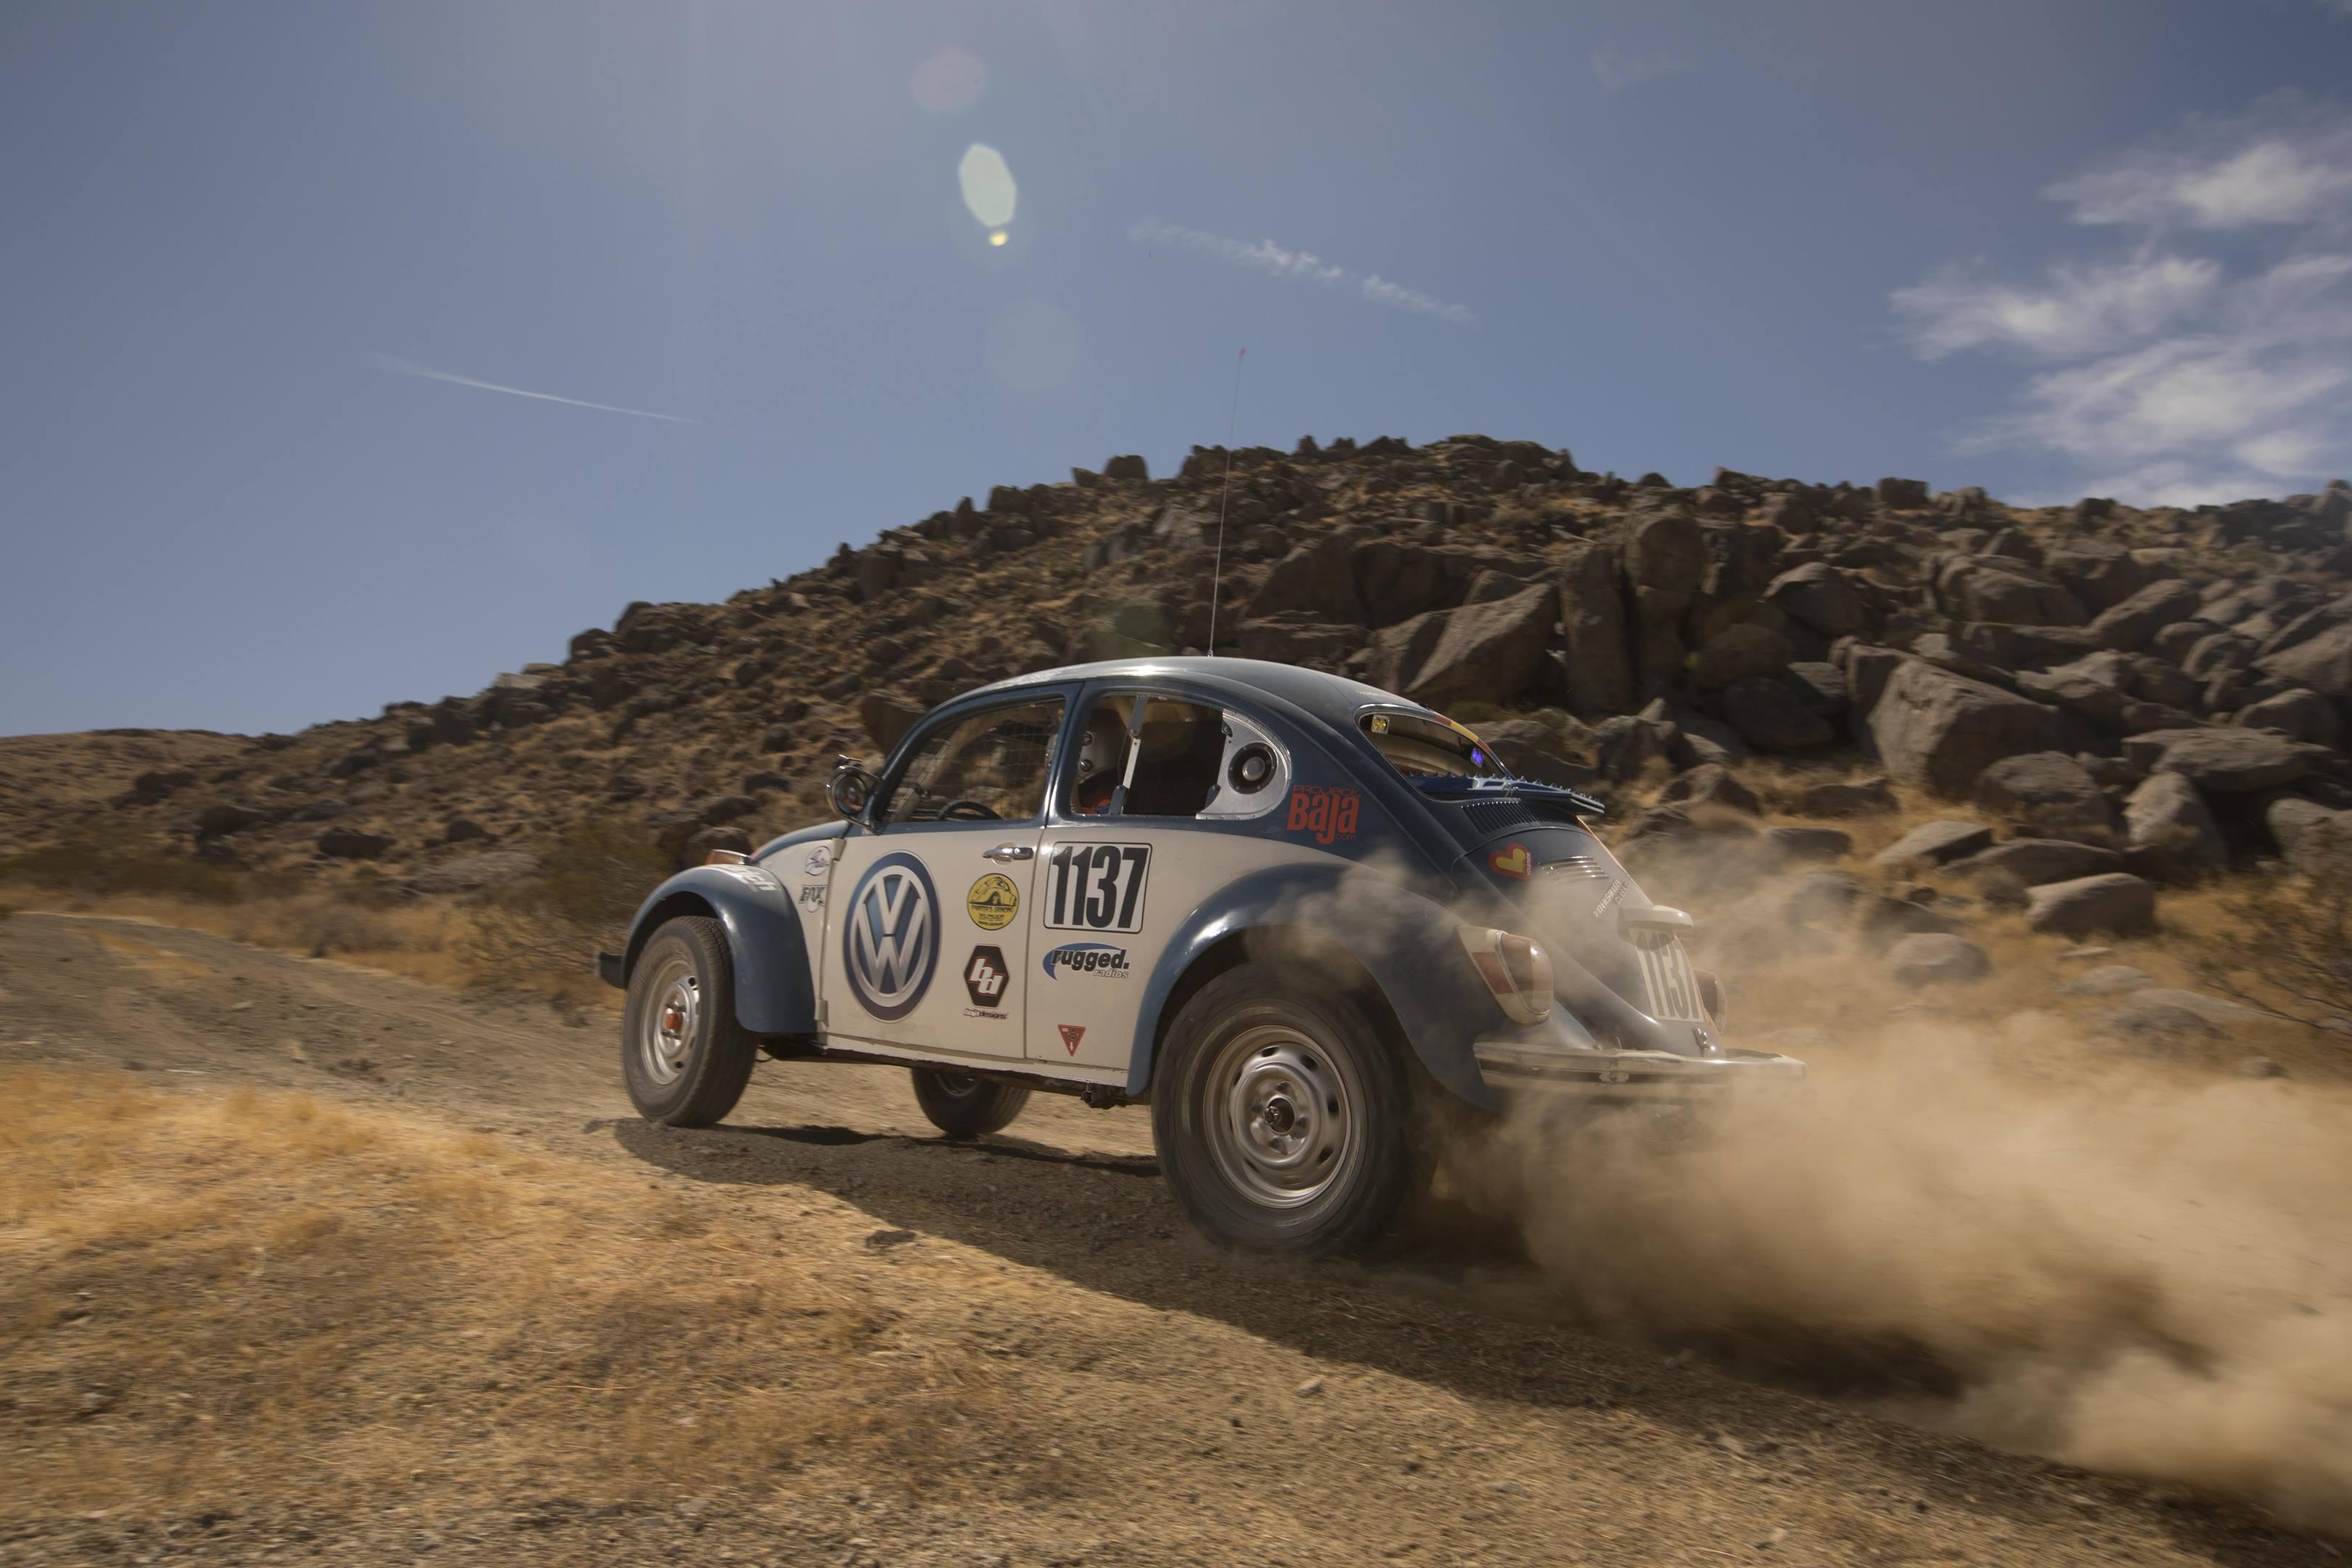 BAJA Bug kicking up dirt